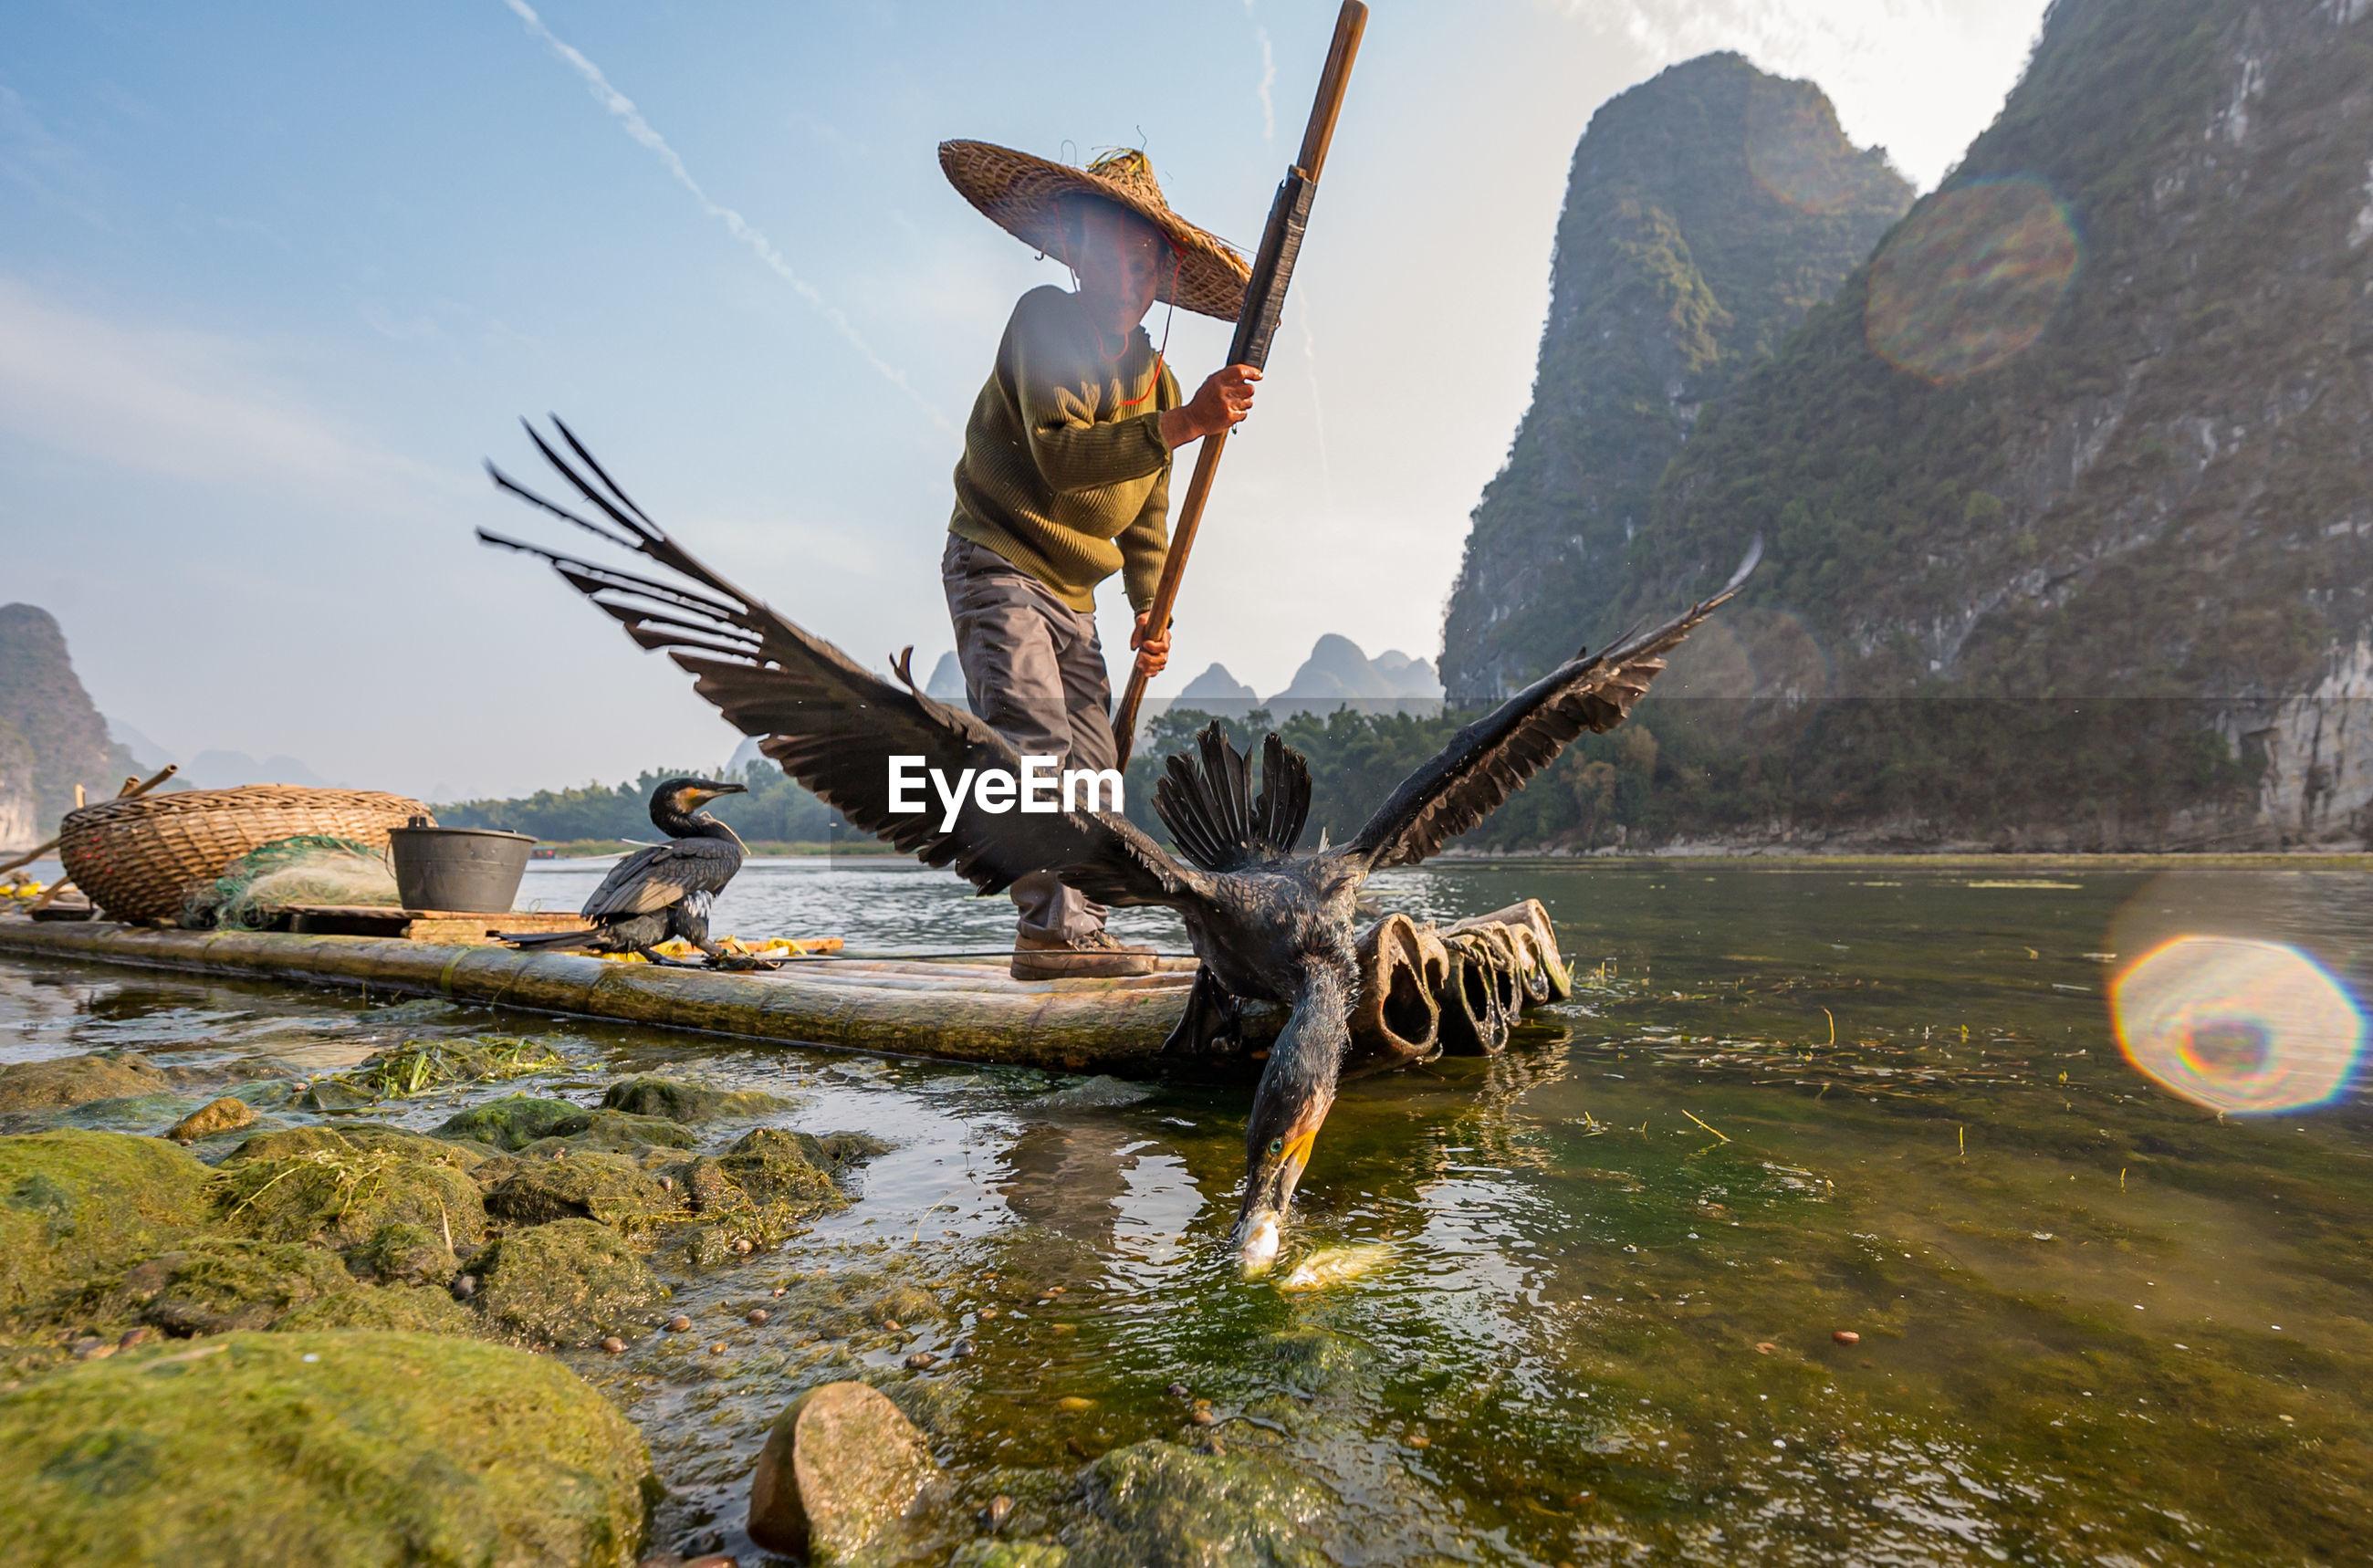 Man standing on wooden raft fishing in lake